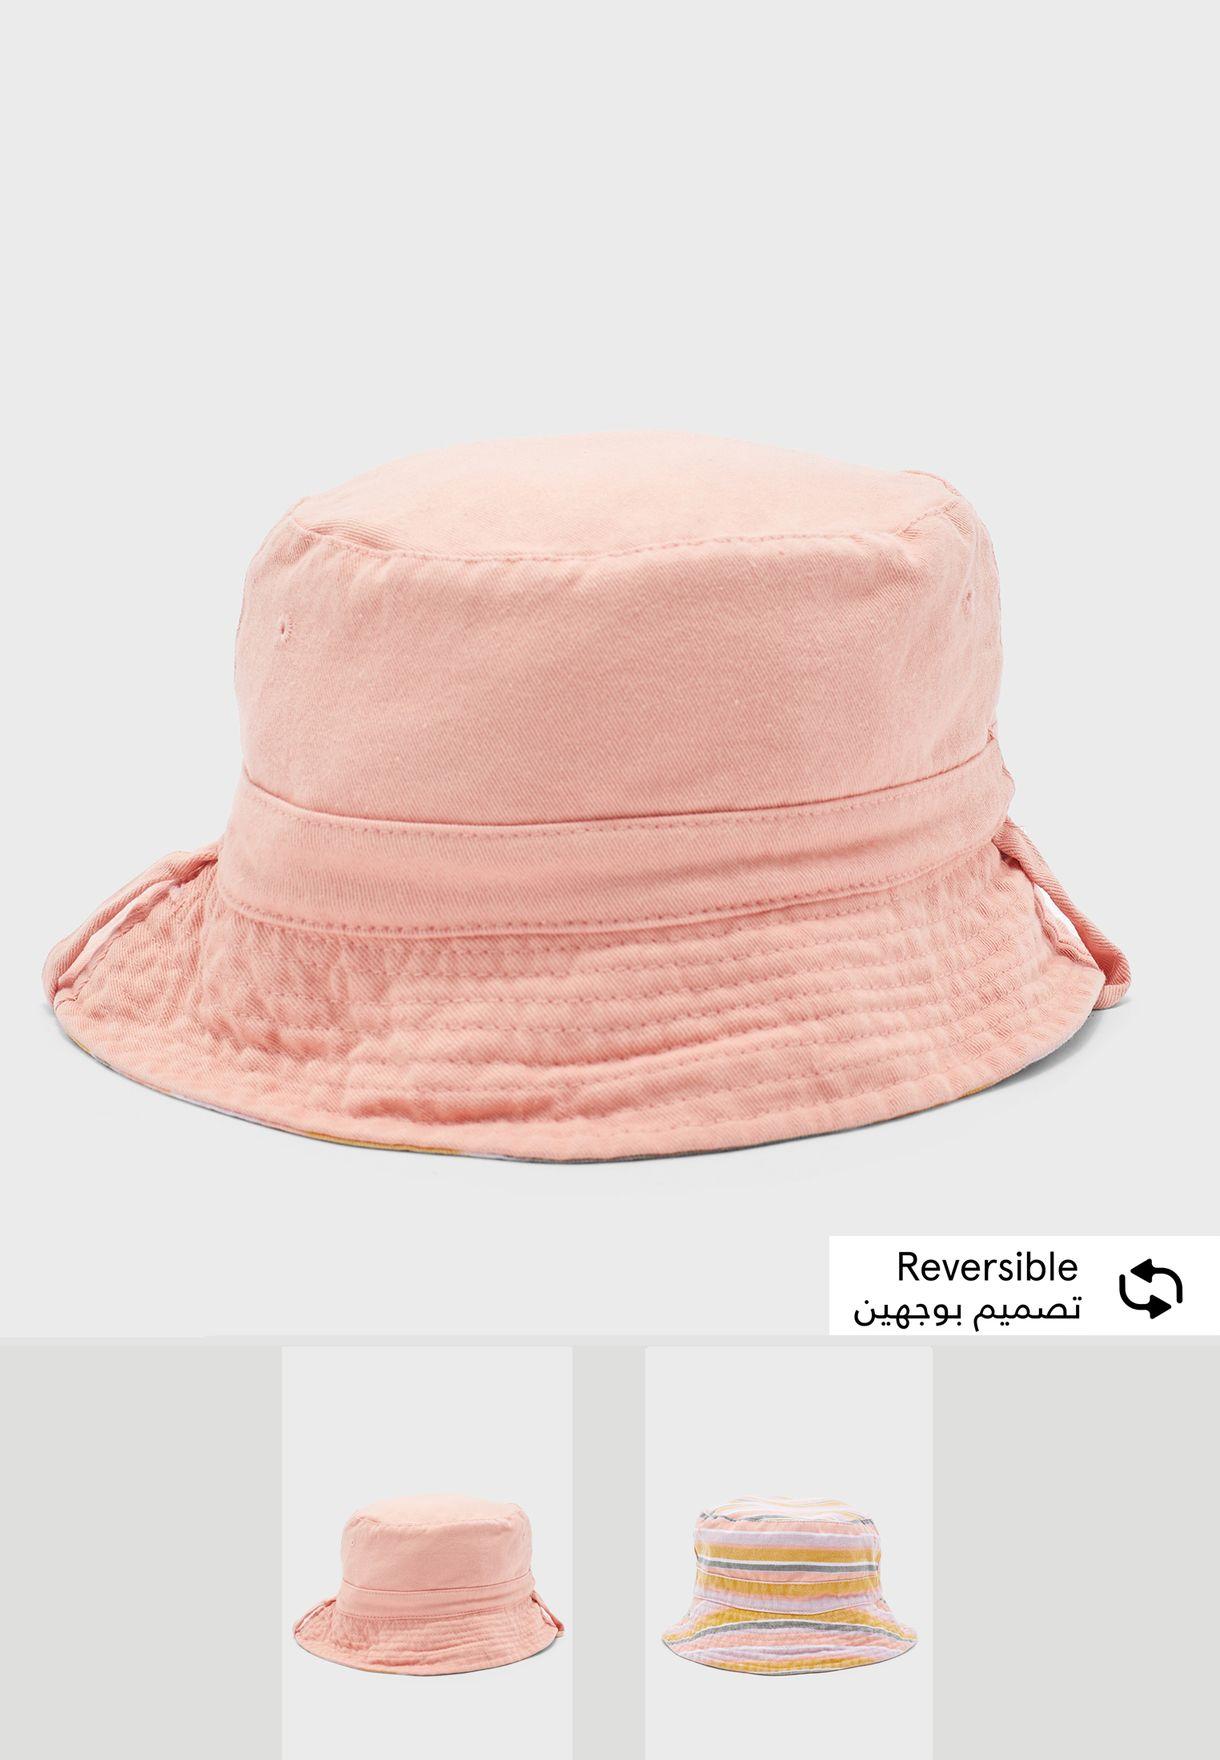 قبعة تلبس على الوجهين للاطفال